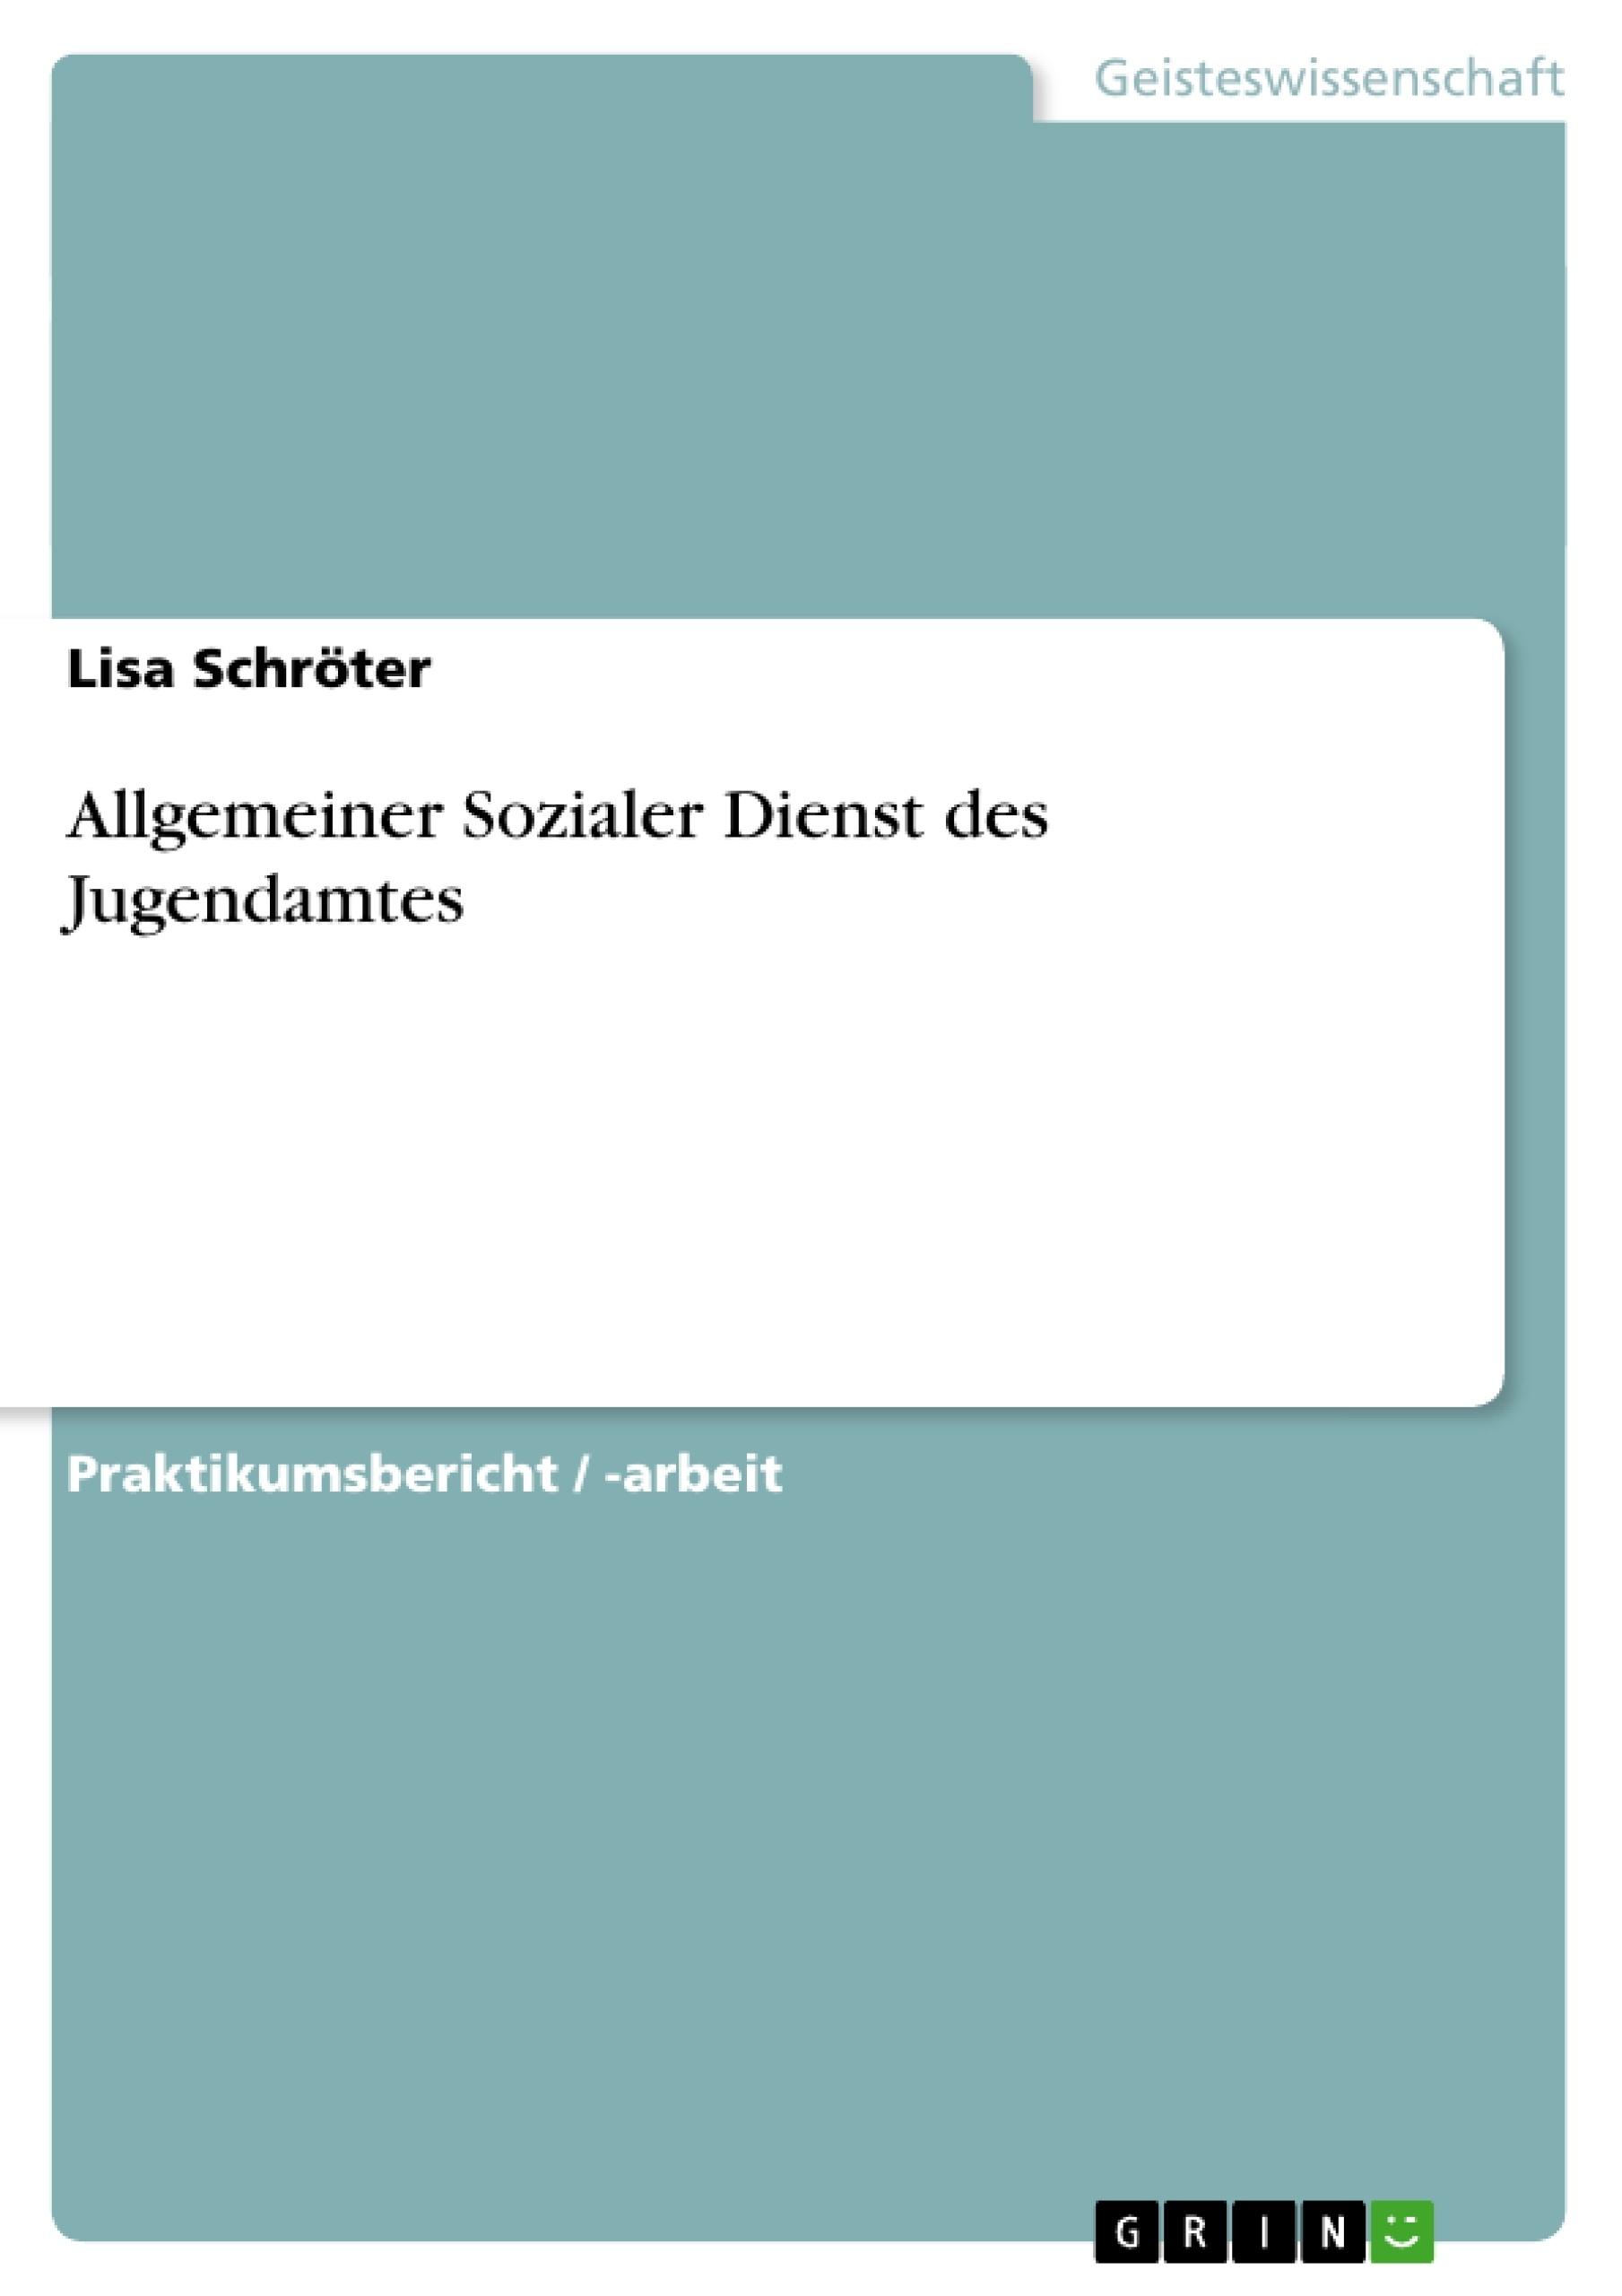 Titel: Allgemeiner Sozialer Dienst des Jugendamtes